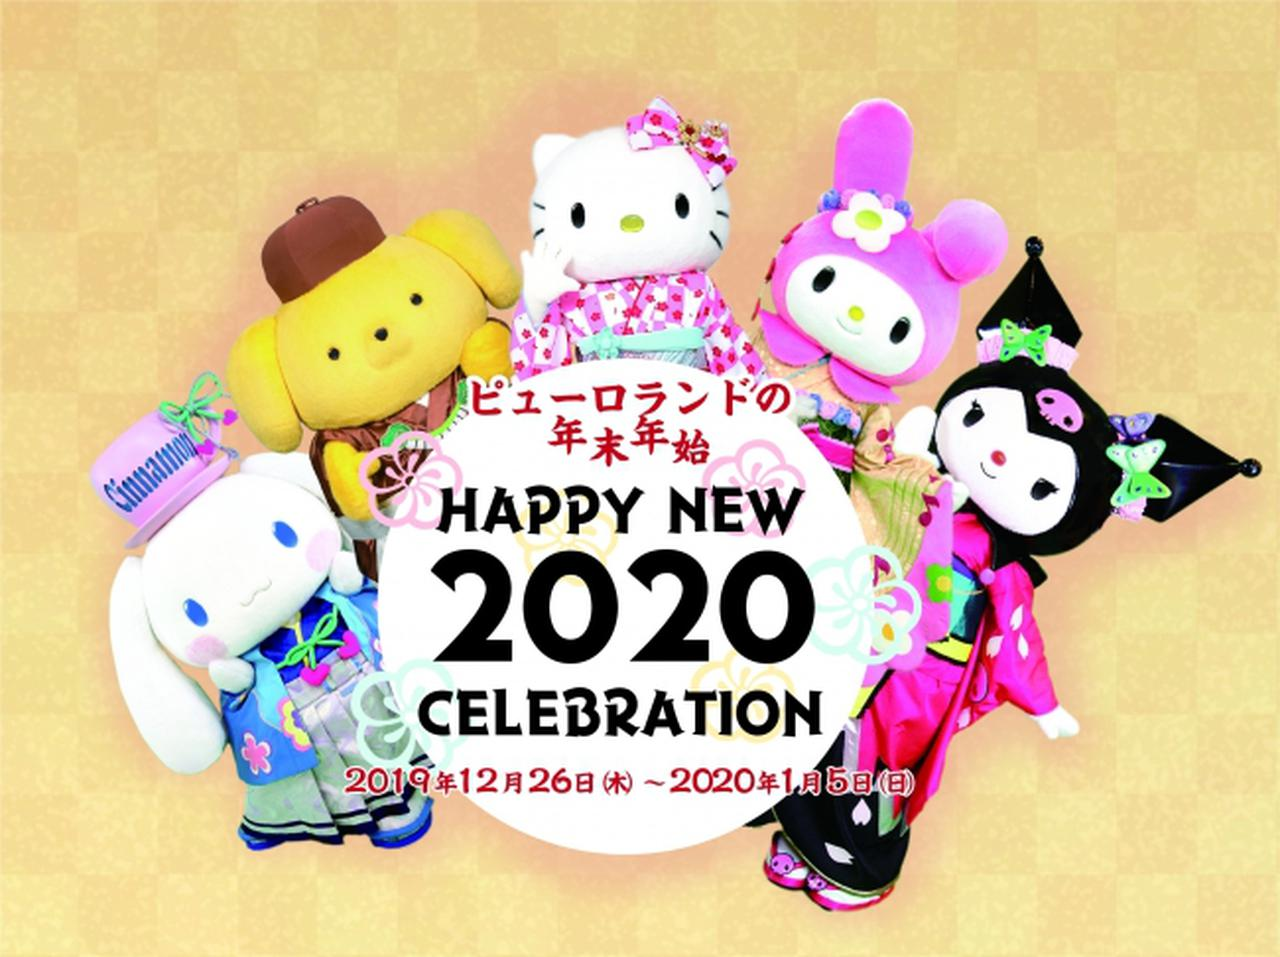 画像1: 年末年始のピューロランドはキャラクターづくし! 「HAPPY NEW 2020 CELEBRATION」開催!